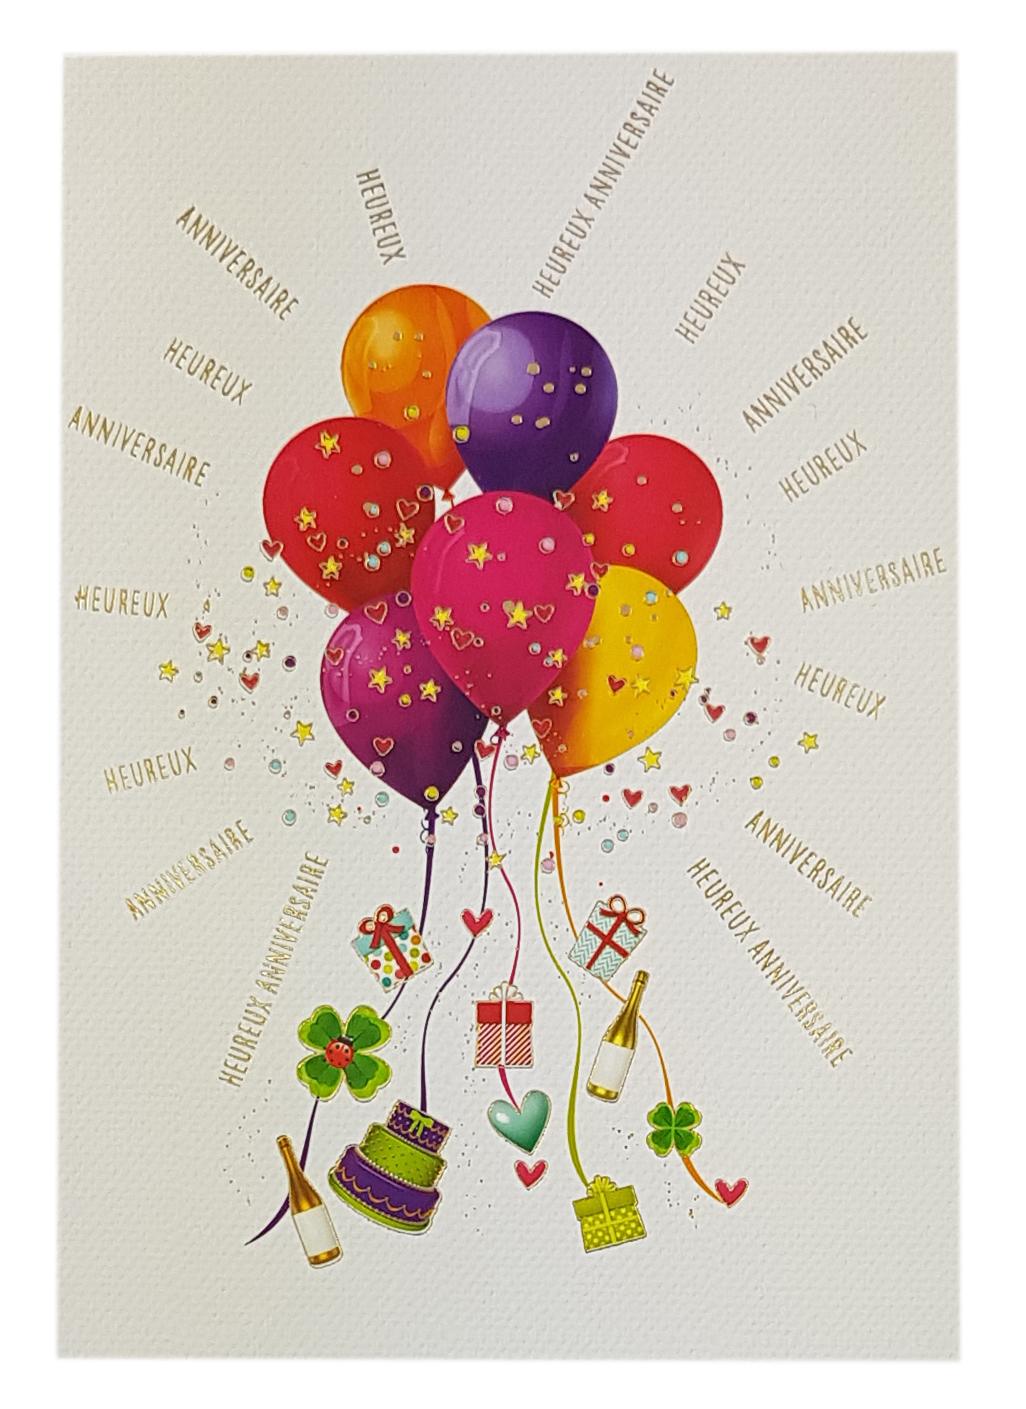 carte personnalisable en menu - Thème anniversaire ballons